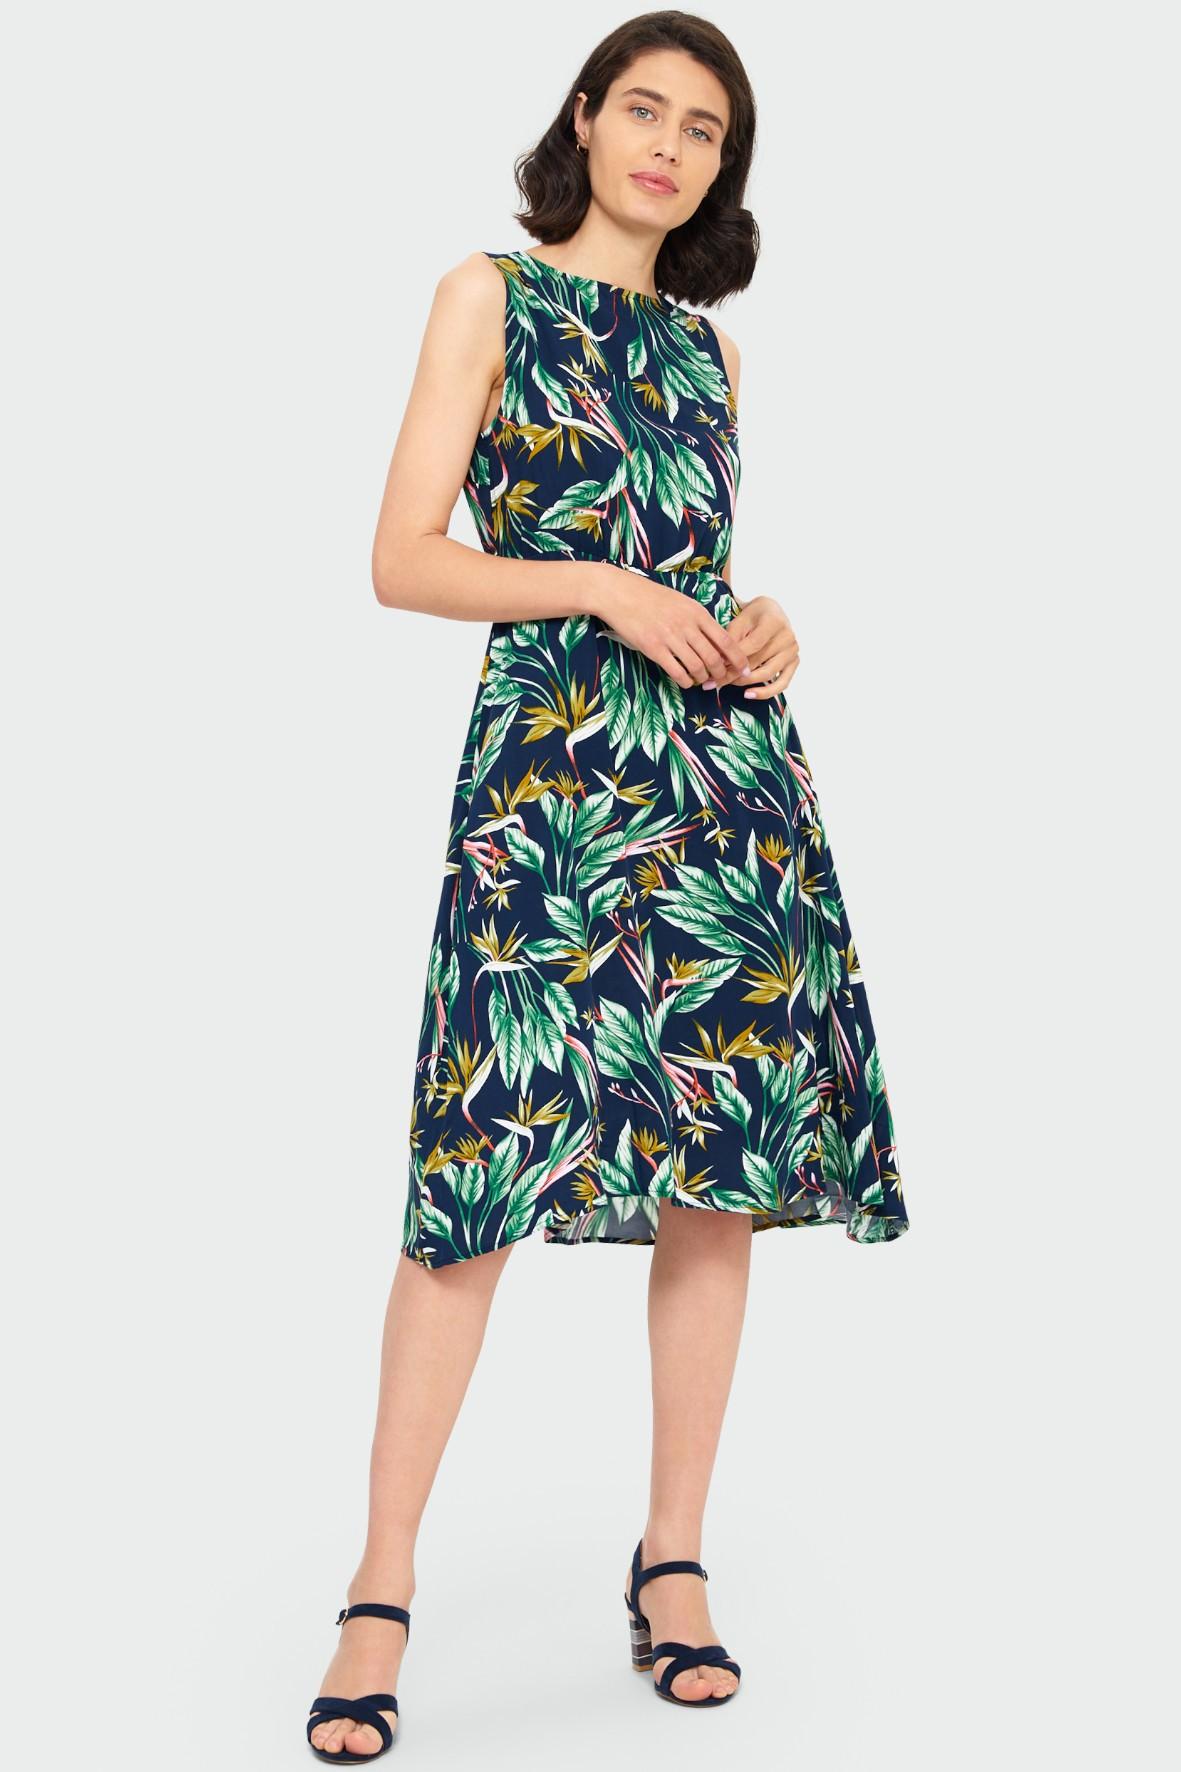 Wiskozowa sukienka z roślinnym nadrukiem podkreślona talia